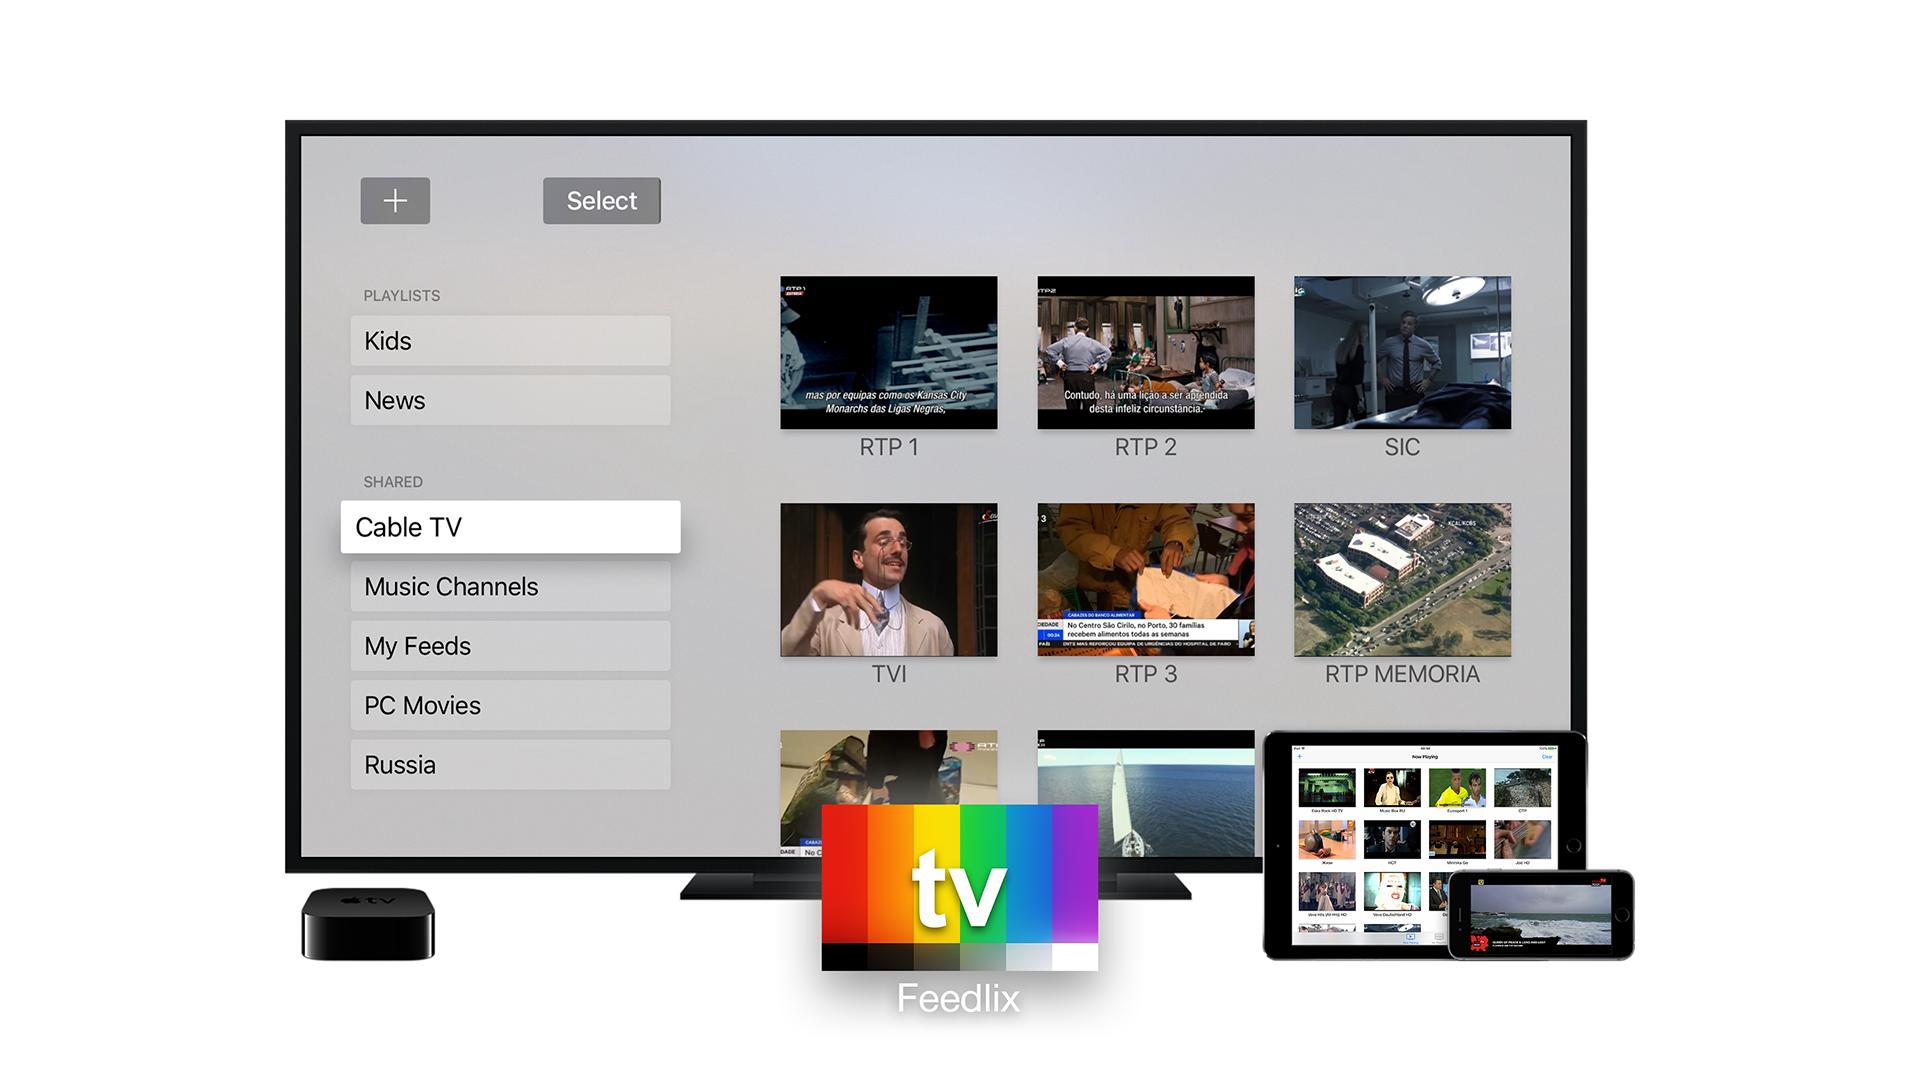 Feedlix-iptv-apple-tv